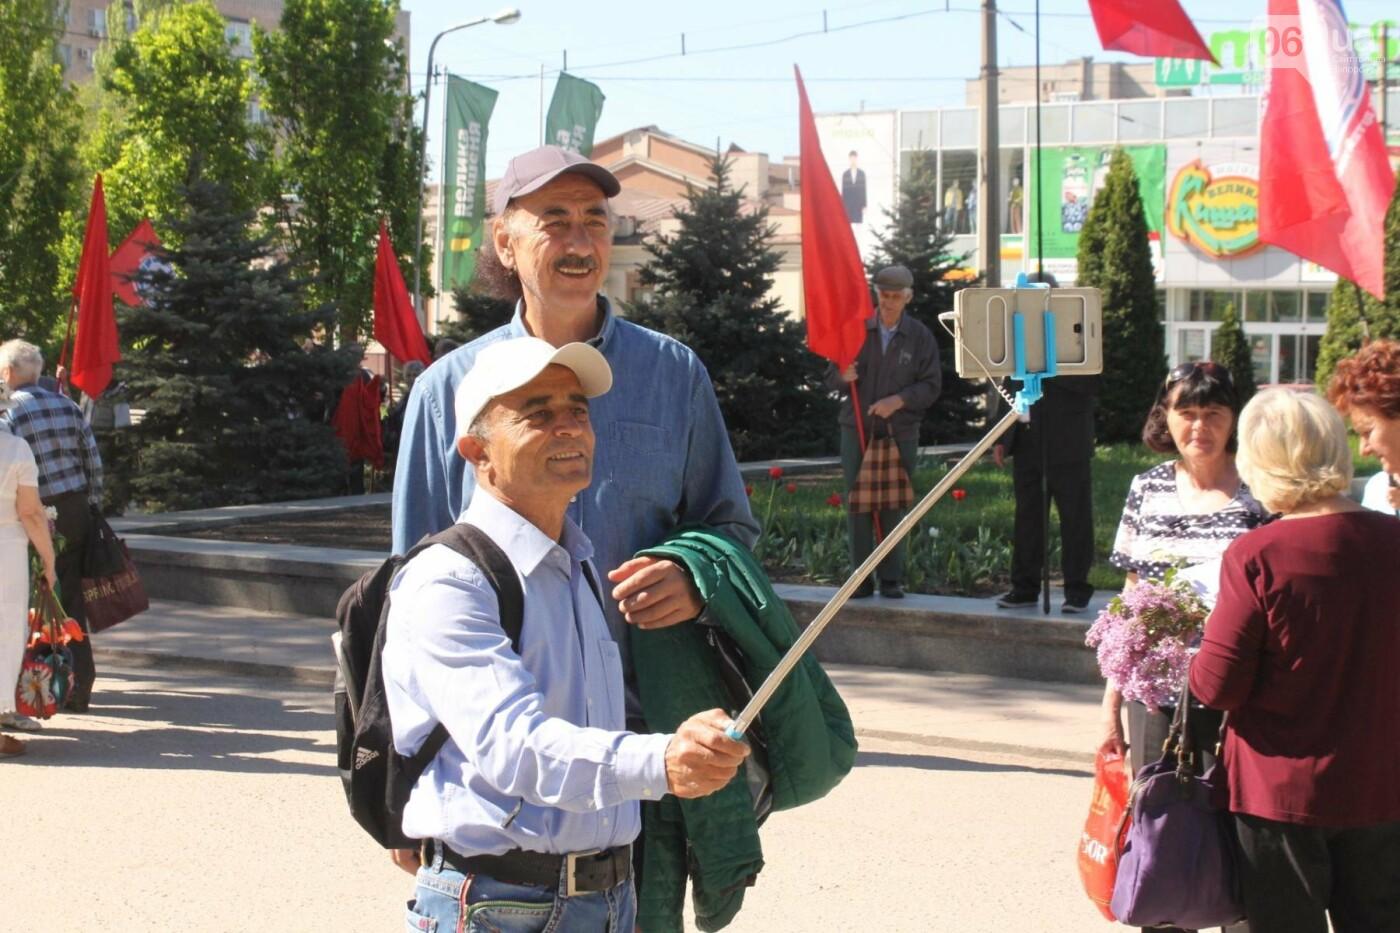 Запорожские коммунисты с красными флагами провели митинг к 1 мая: к «вечному огню» на Свободы пришли полсотни людей, – ФОТОРЕПОРТАЖ, фото-4